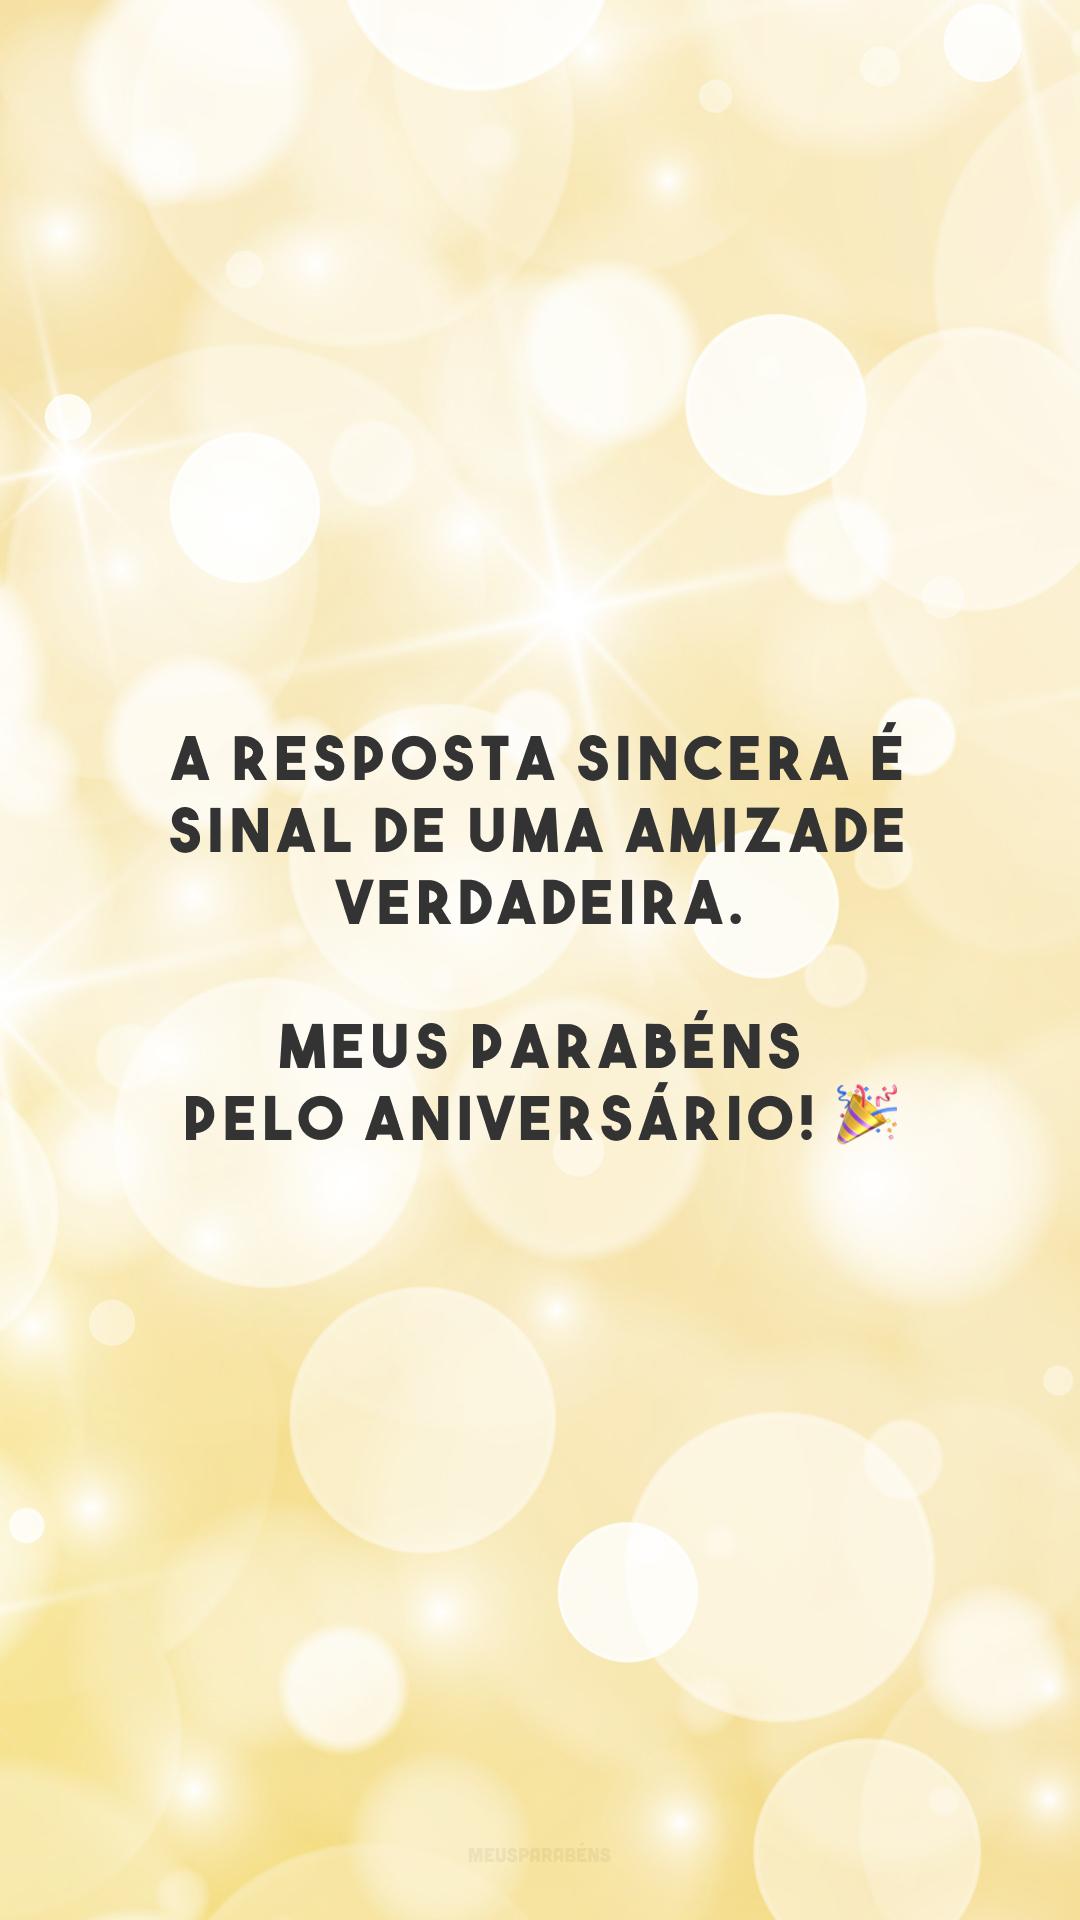 A resposta sincera é sinal de uma amizade verdadeira. Meus parabéns pelo aniversário! 🎉